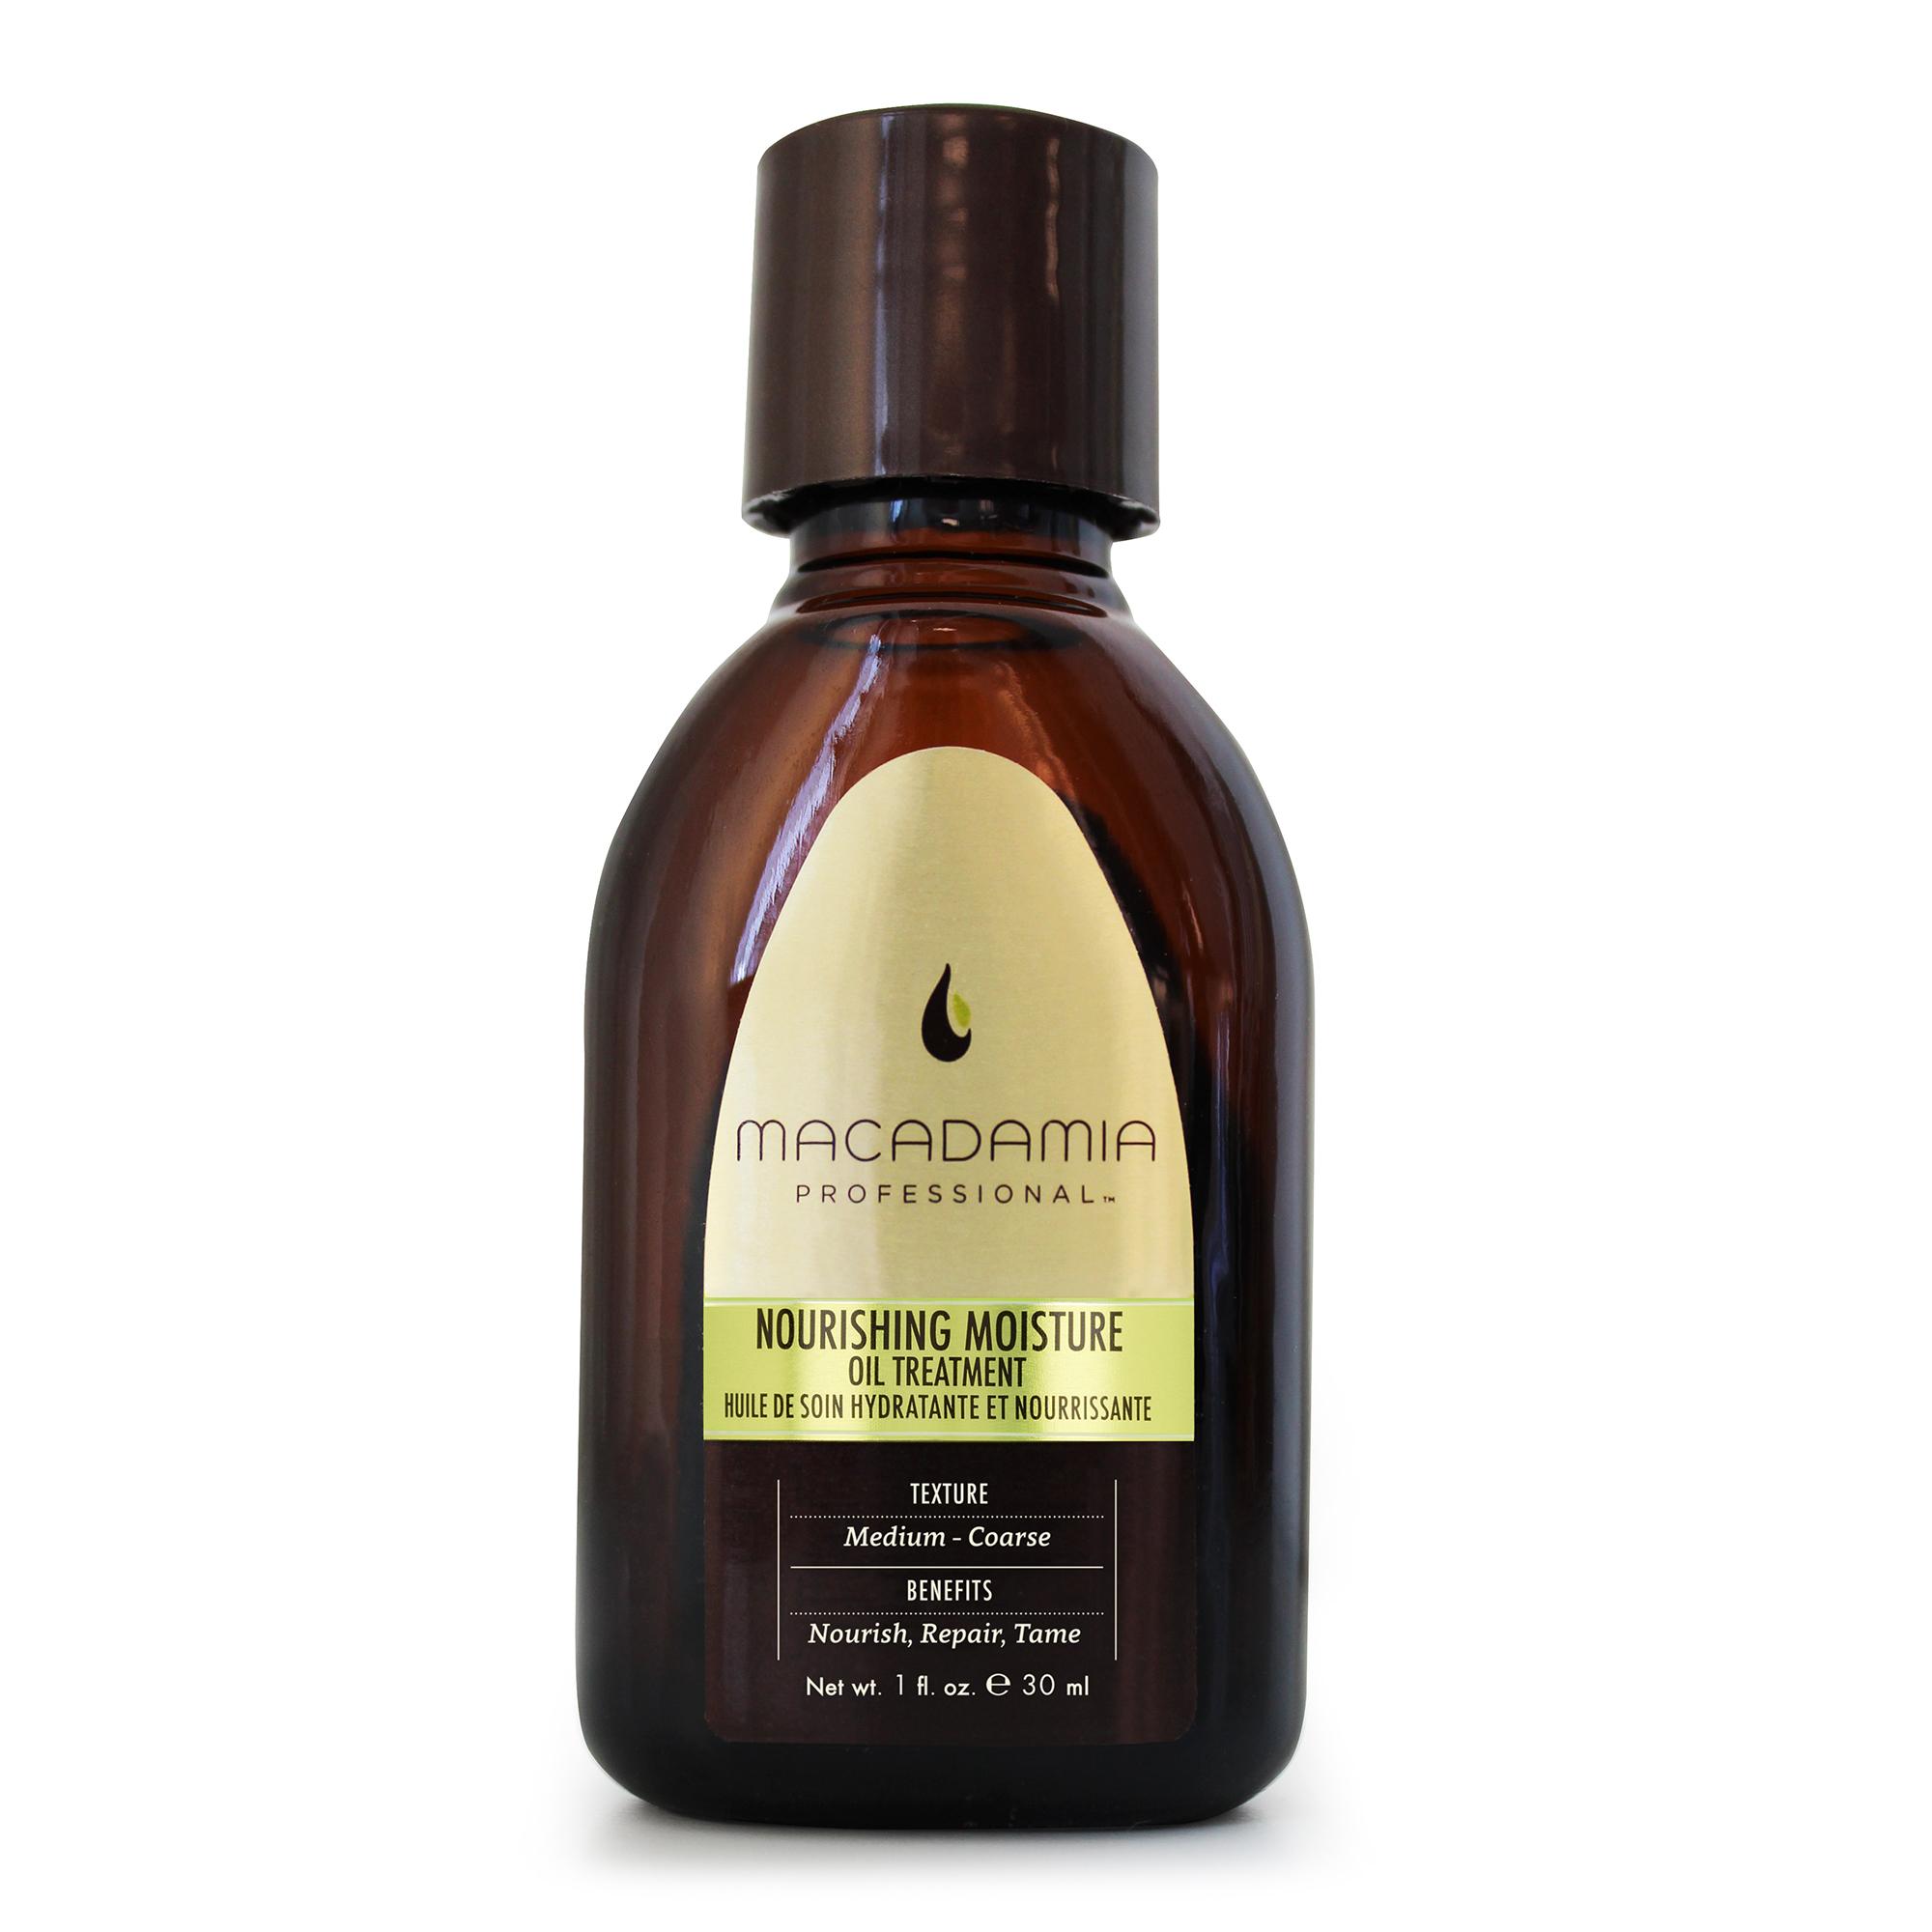 Macadamia Professional Уход восстанавливающий с маслом арганы и макадамии, 30 мл400101Уход-масло Macadamia Professional с эксклюзивным комплексом Pro Oil Complex моментально проникает в структуру волос, не утяжеляя их. Увлажняет, придавая мягкость и блеск волосам, обеспечивает защиту. Витамин Е интенсивно питает, убирает эффект пушистости, оставляя волосы ультра гладкими, предотвращает спутывание. Применение масла сокращает время сушки феном и обеспечивает натуральную УФ - защиту. Предотвращает потерю интенсивности и насыщенности цвета окрашенных волос.